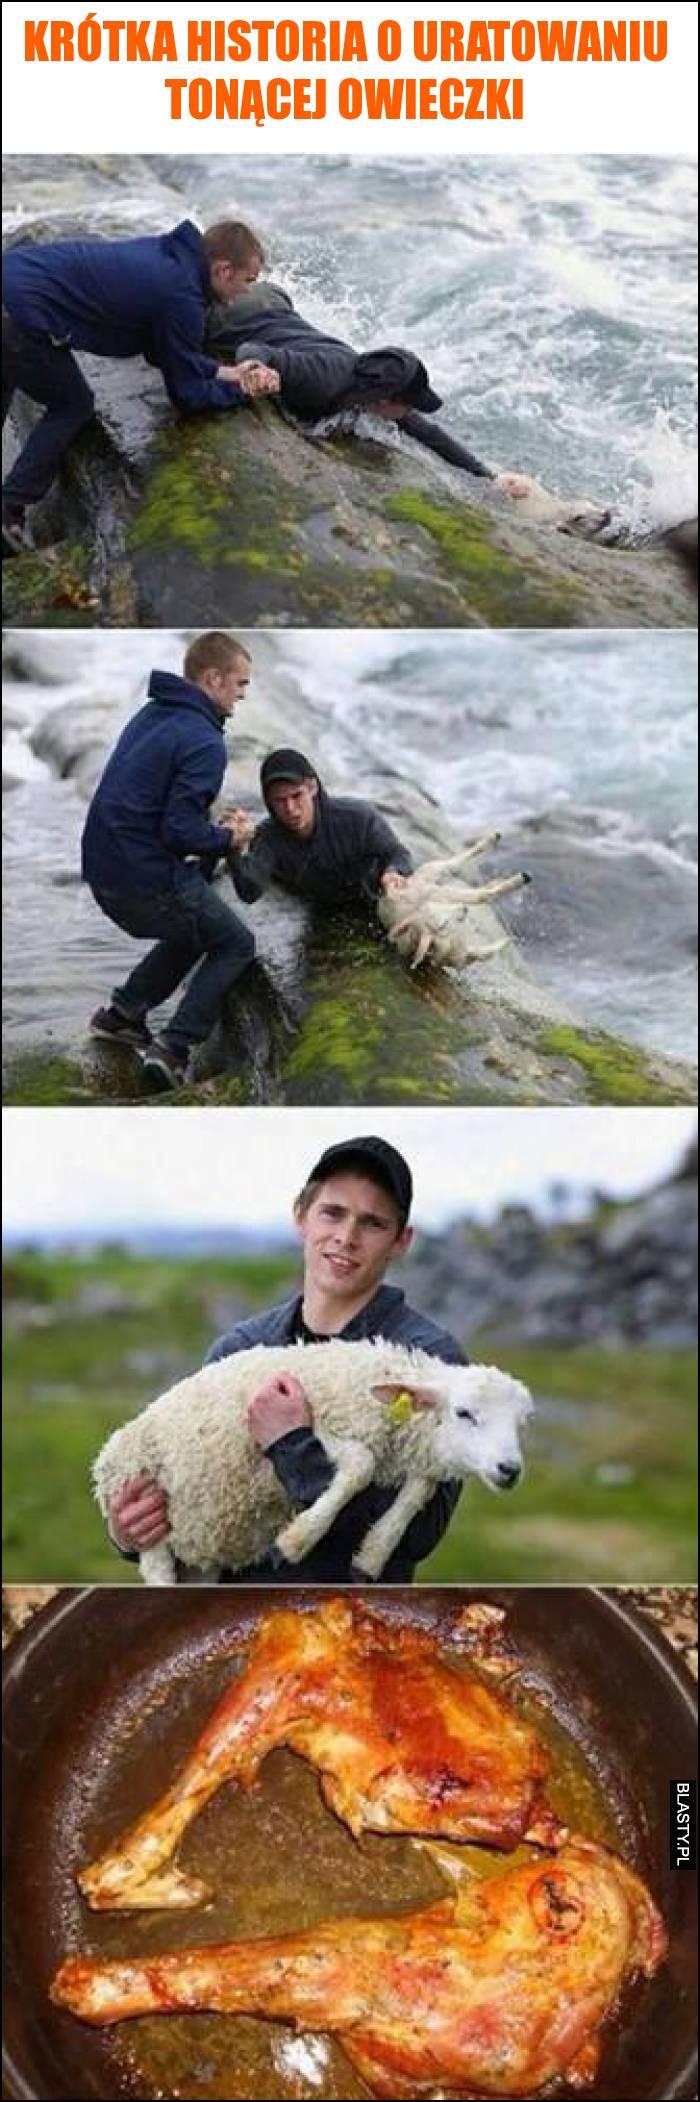 Krótka historia o uratowaniu tonącej owieczki